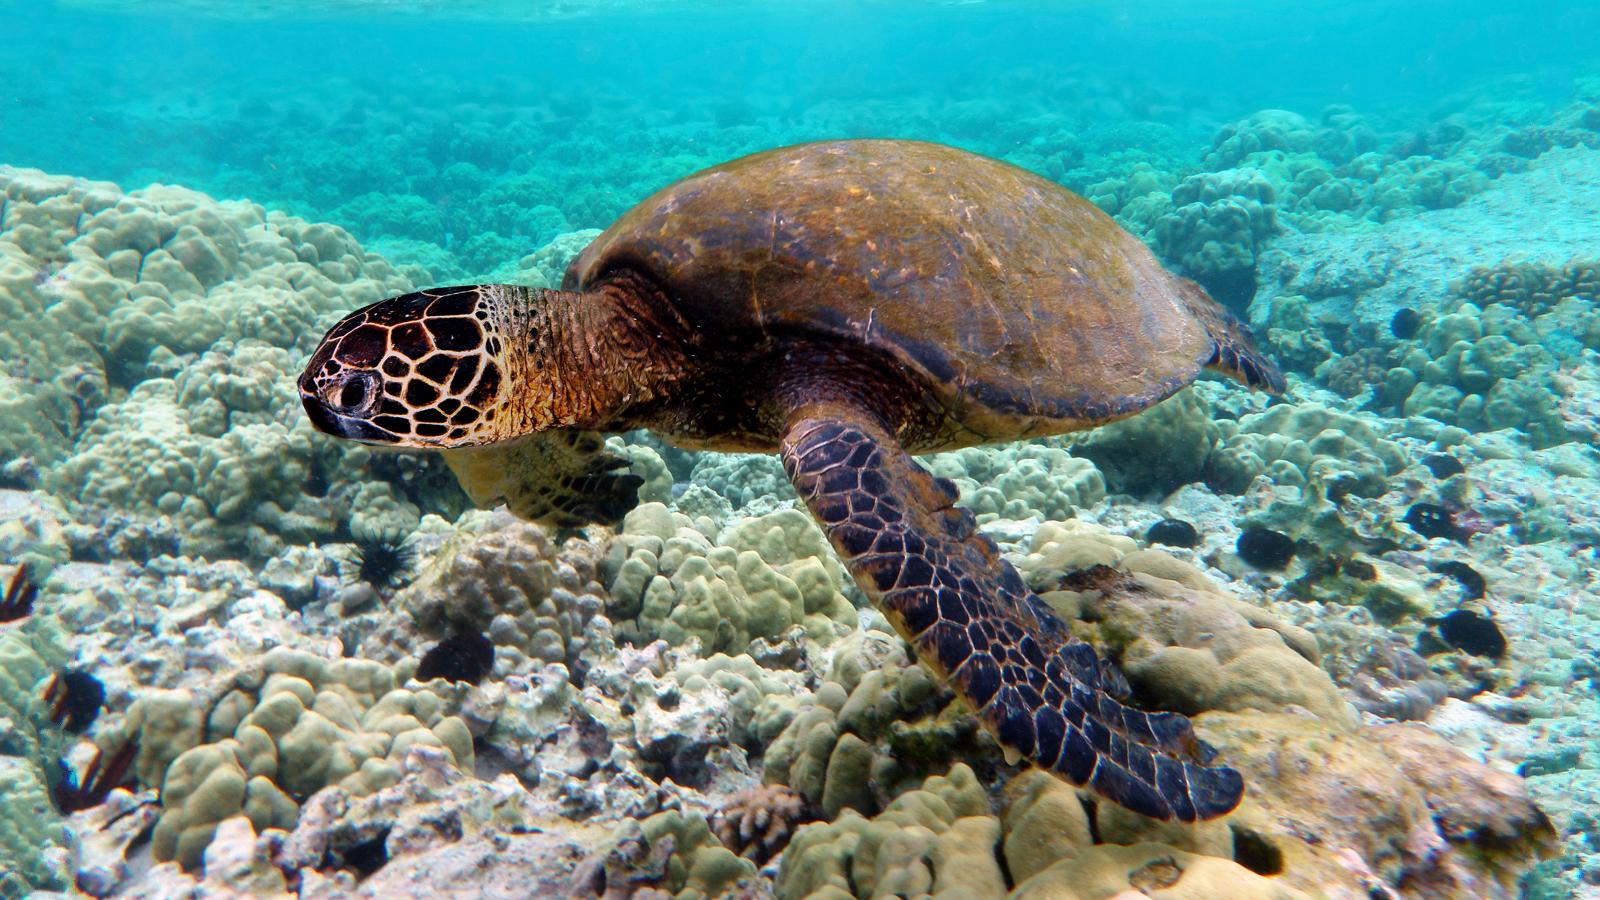 Estudio muestra que especies marinas sufren más el calentamiento global